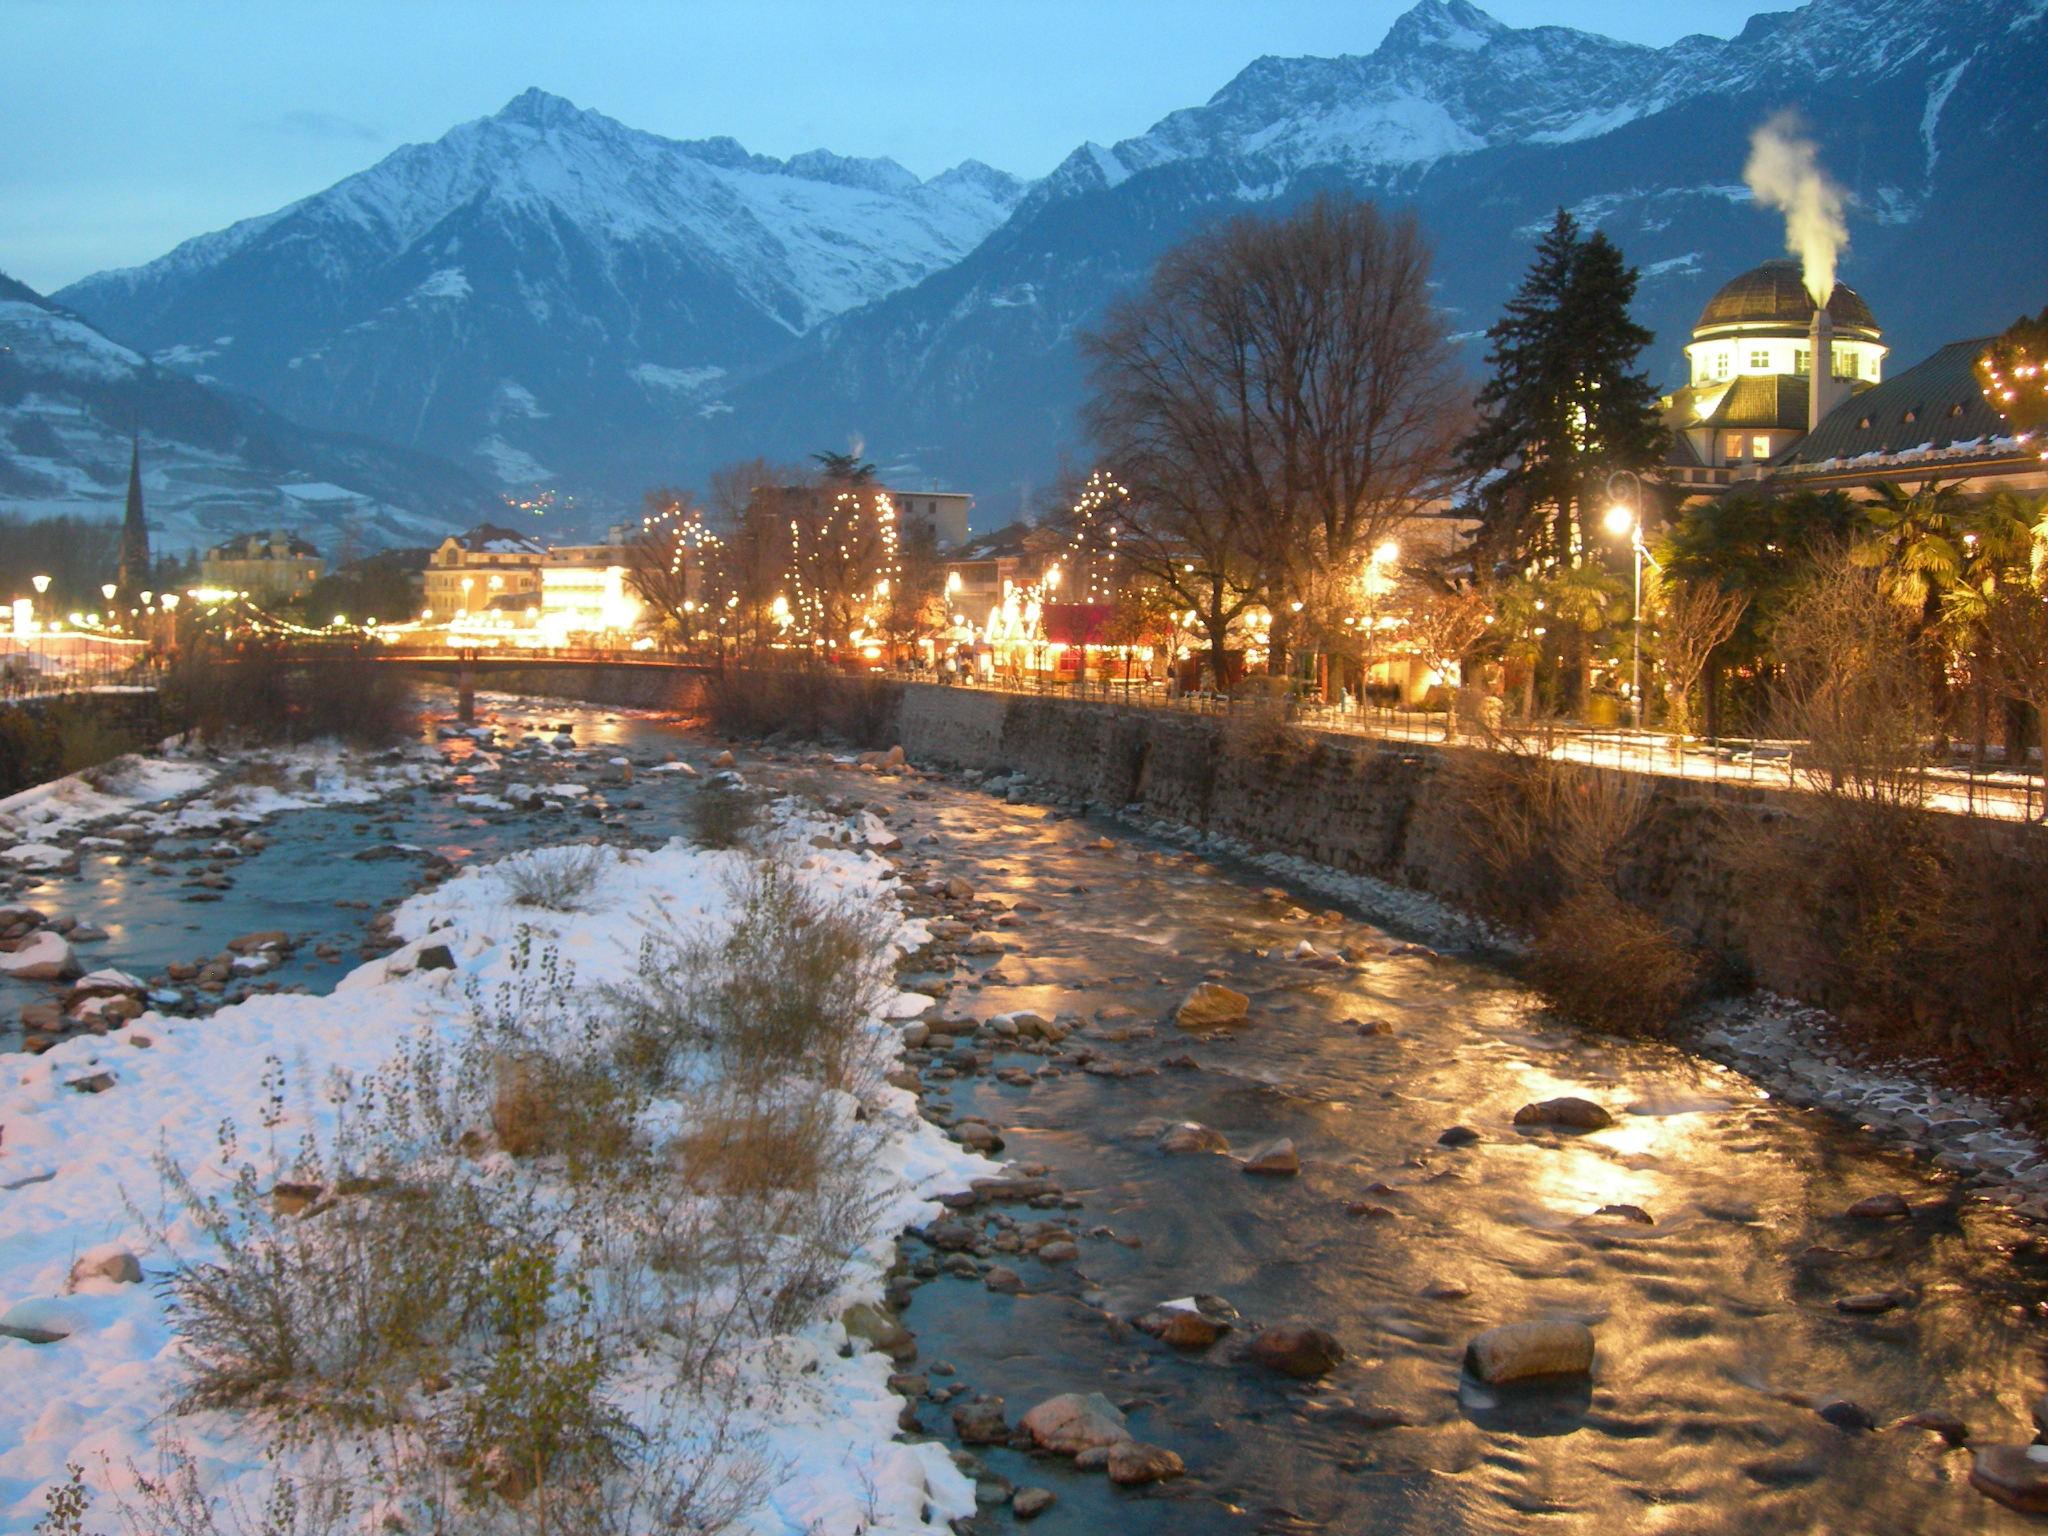 Merano (Trentino-Alto Adige)